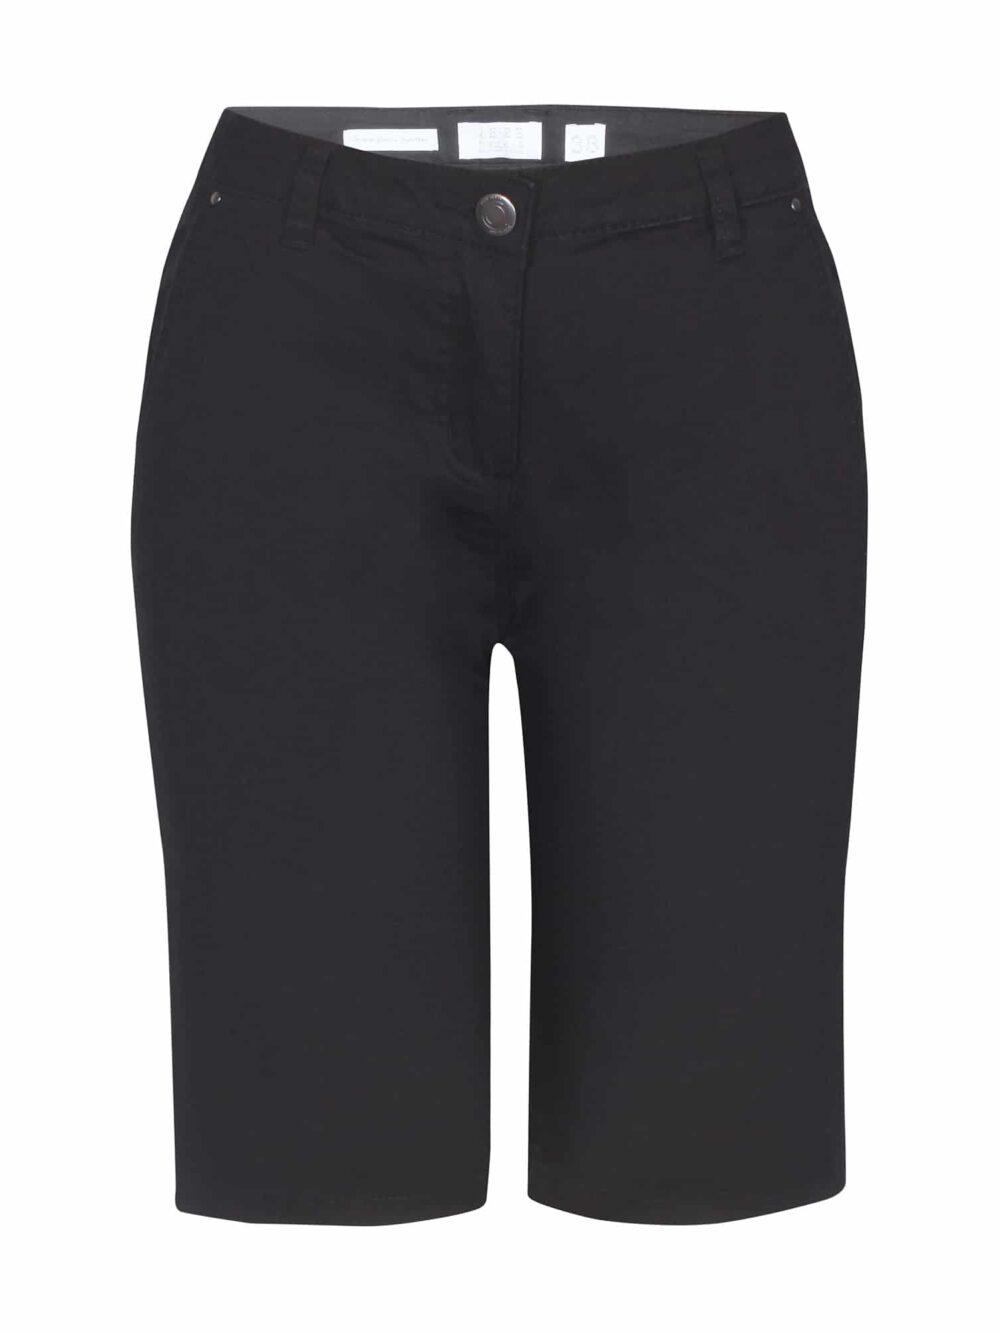 ZE-ZE Nordic Sanne 347 Shorts Black